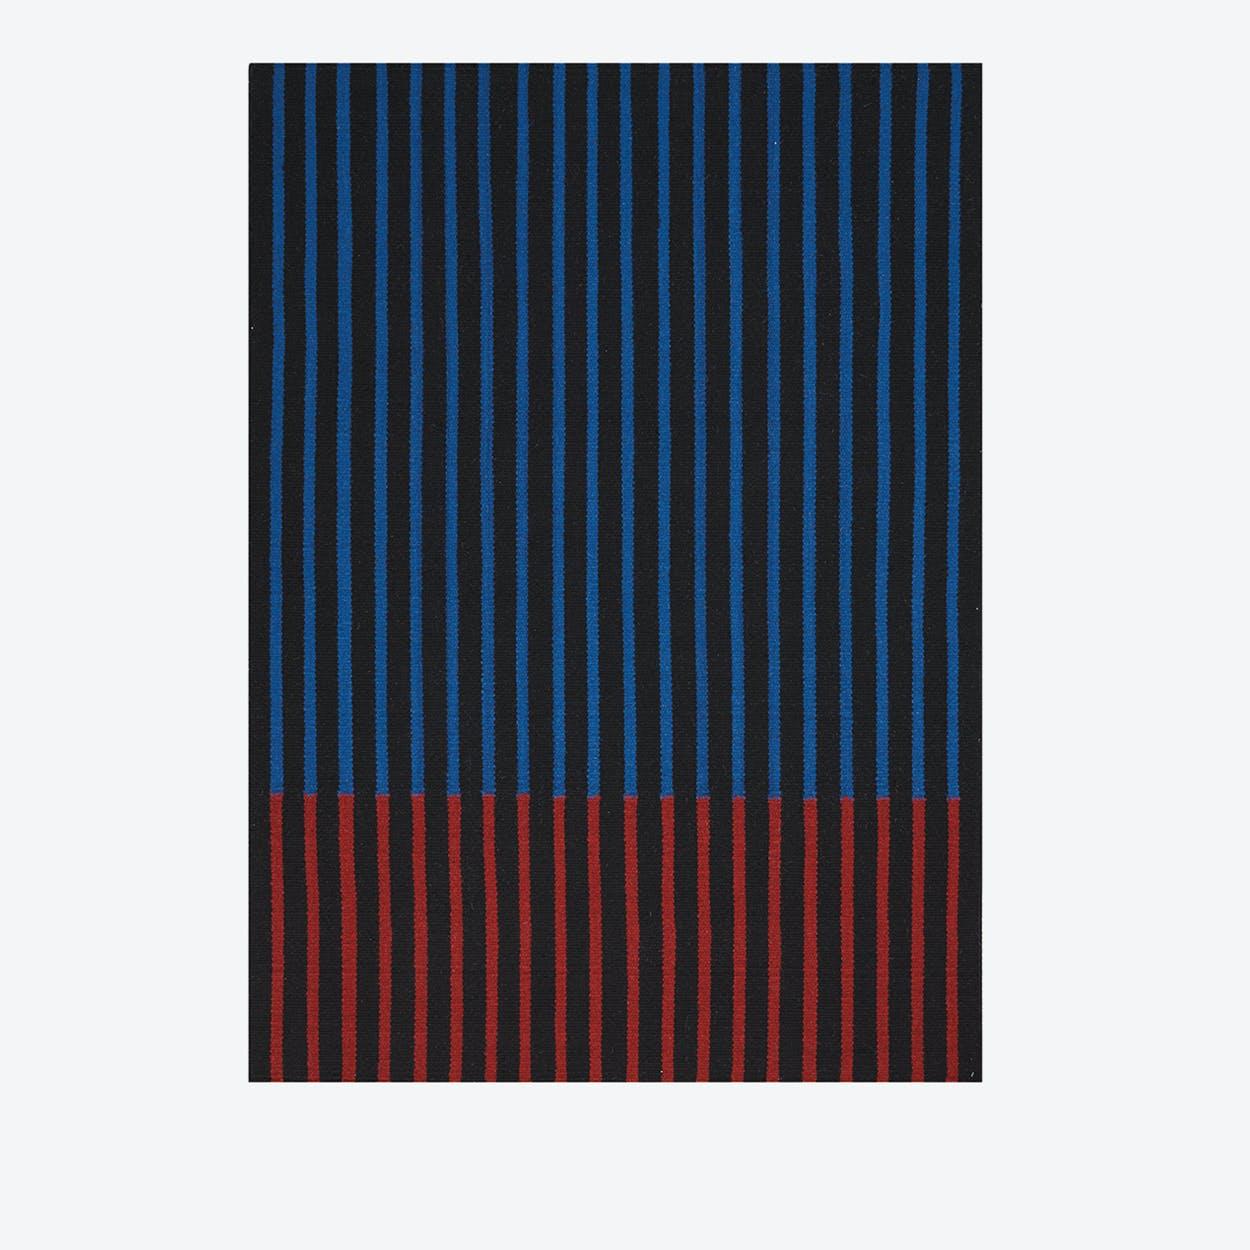 NASHVILLE Rug In Black, Cobalt & Magenta